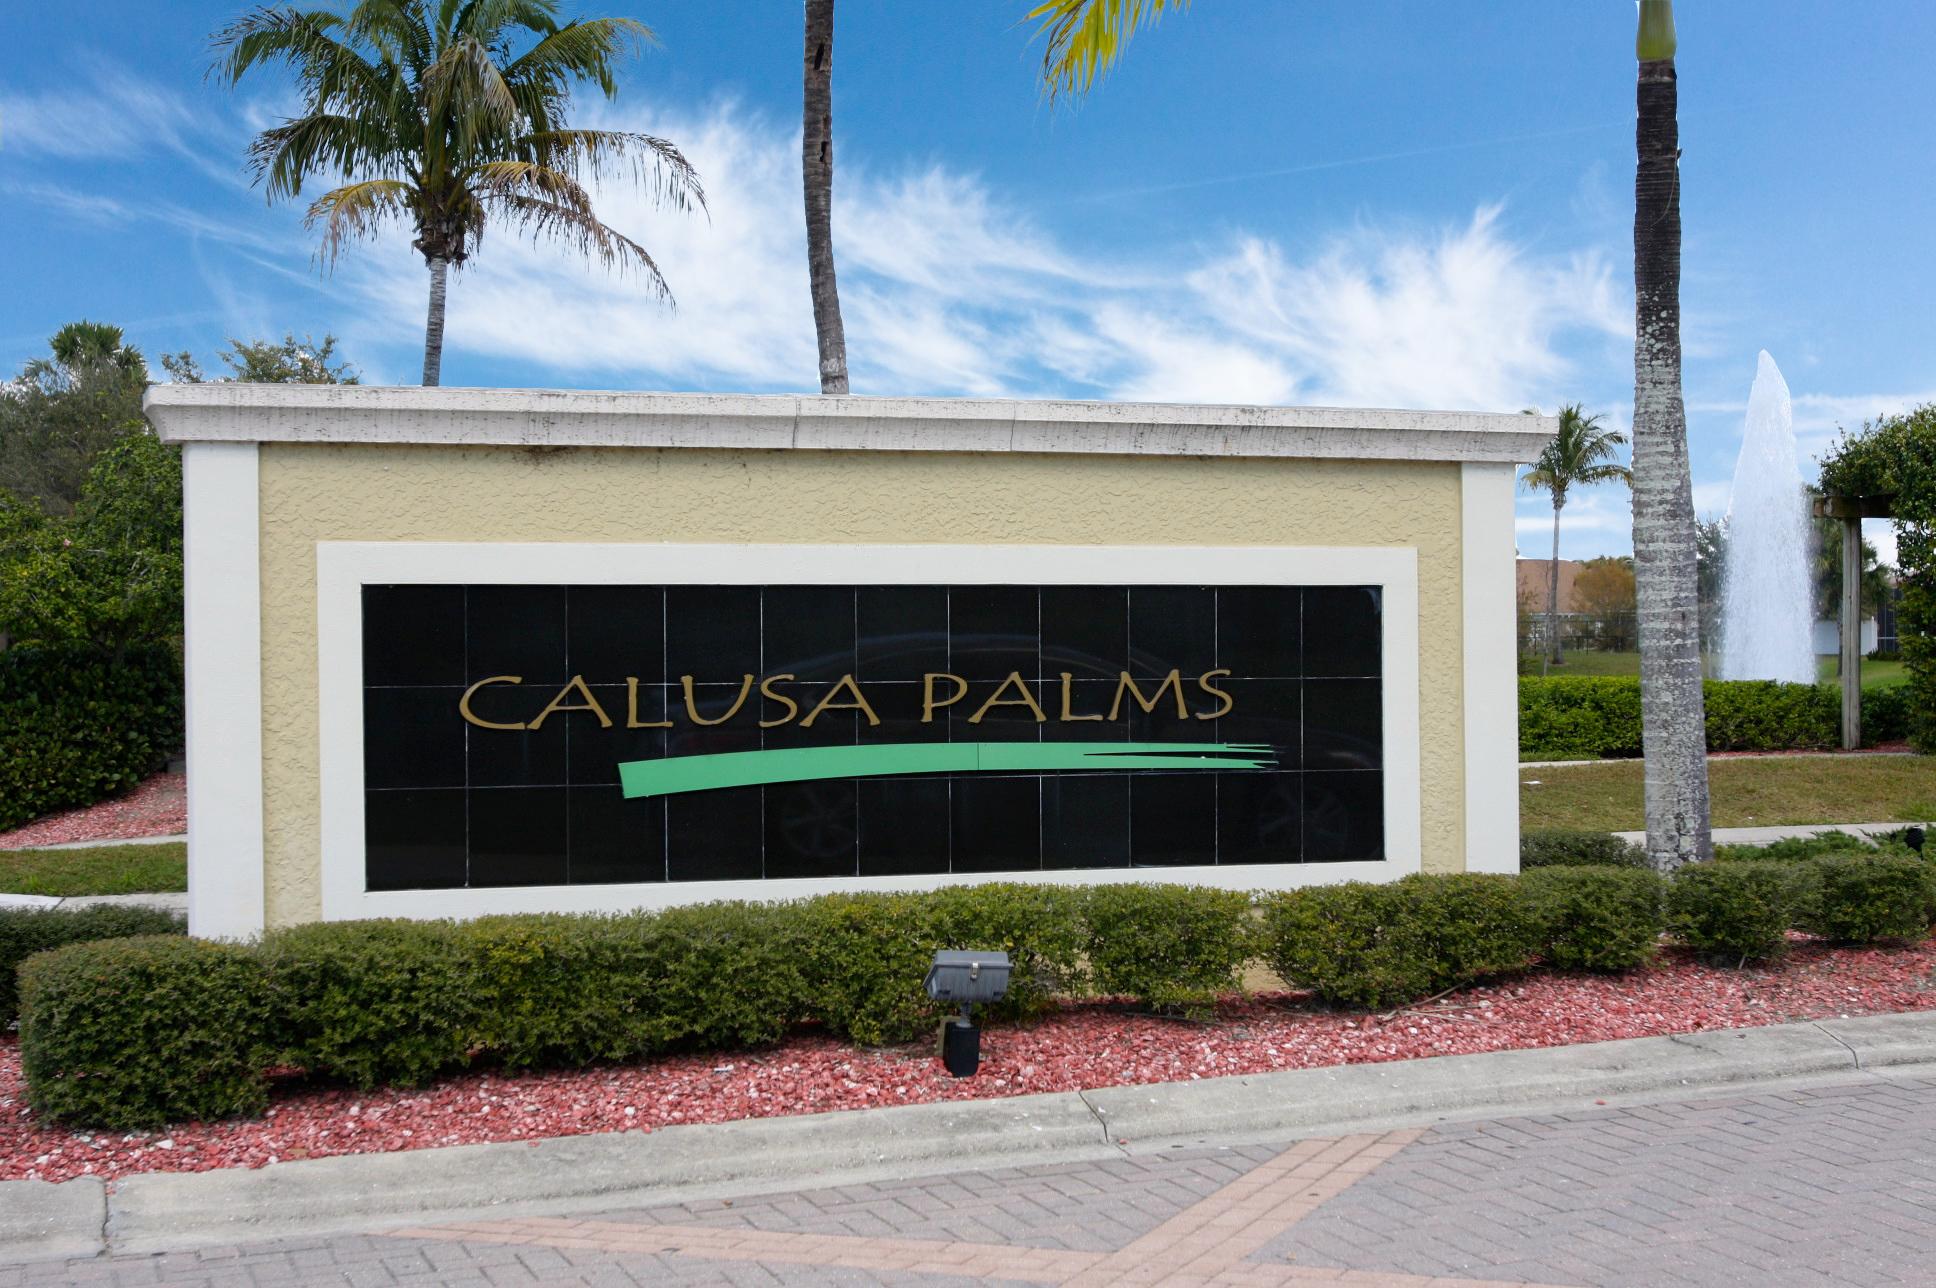 Calusa Palms